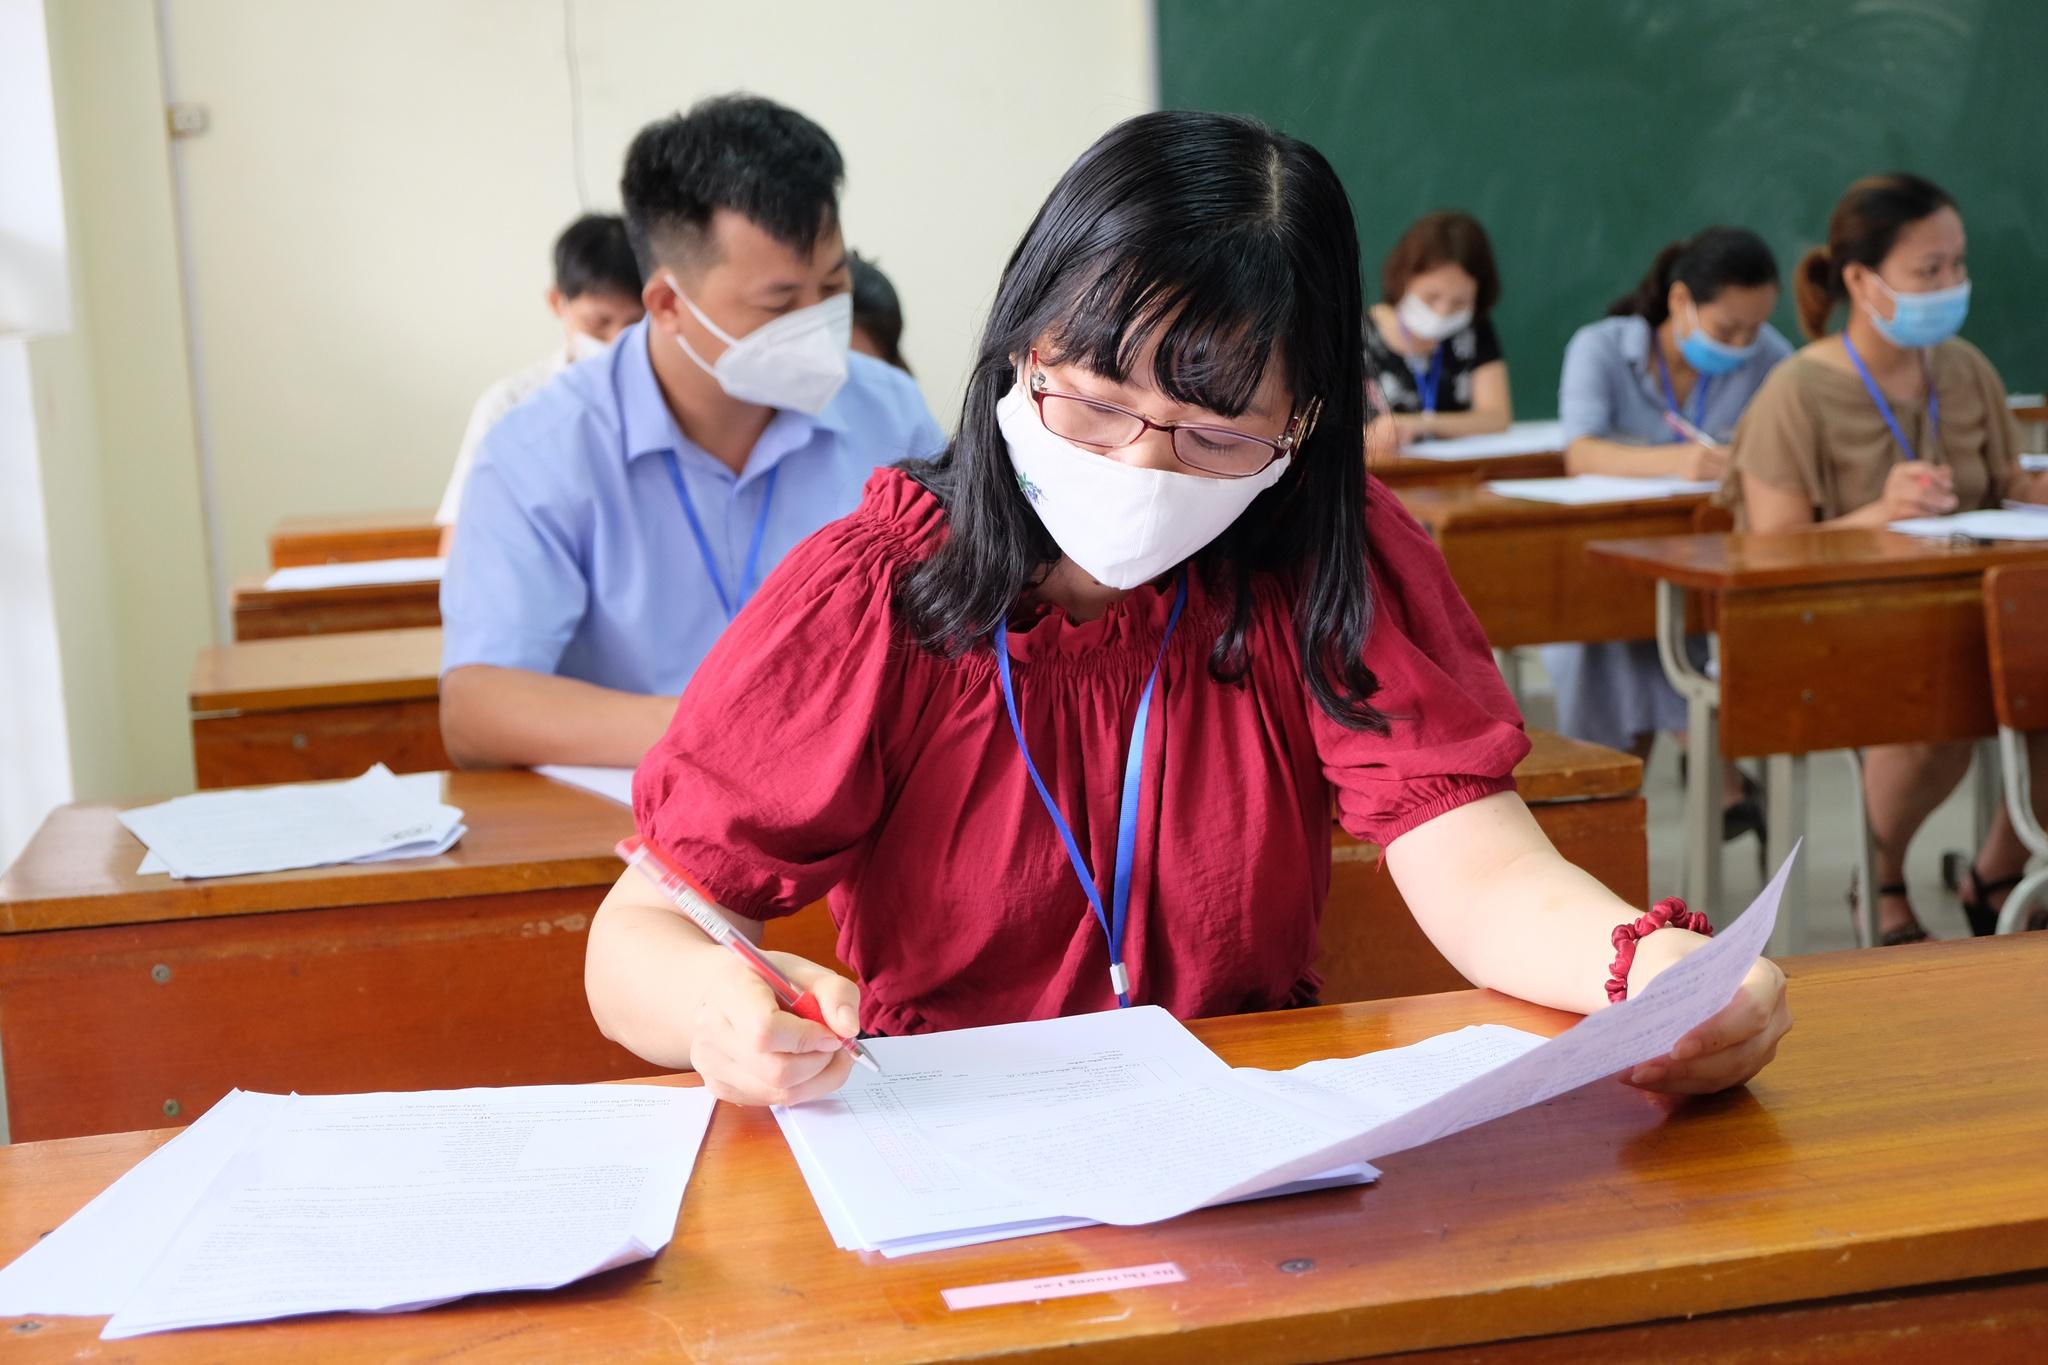 Giám khảo nói gì về đáp án và hướng dẫn chấm thi THPT môn ngữ văn ?